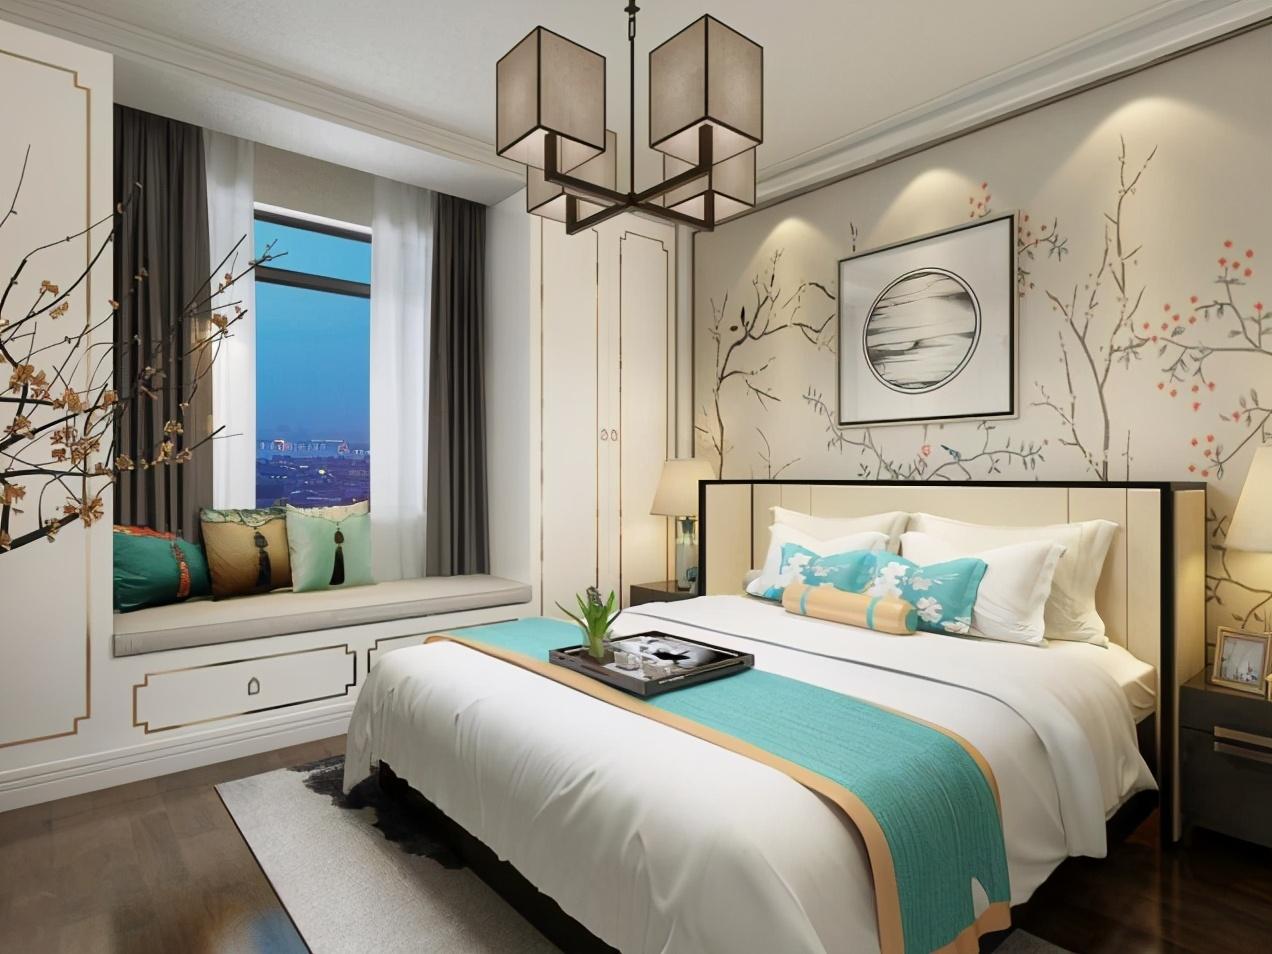 辞旧迎新|卧室改造巧心思,分分钟提升宅家幸福感